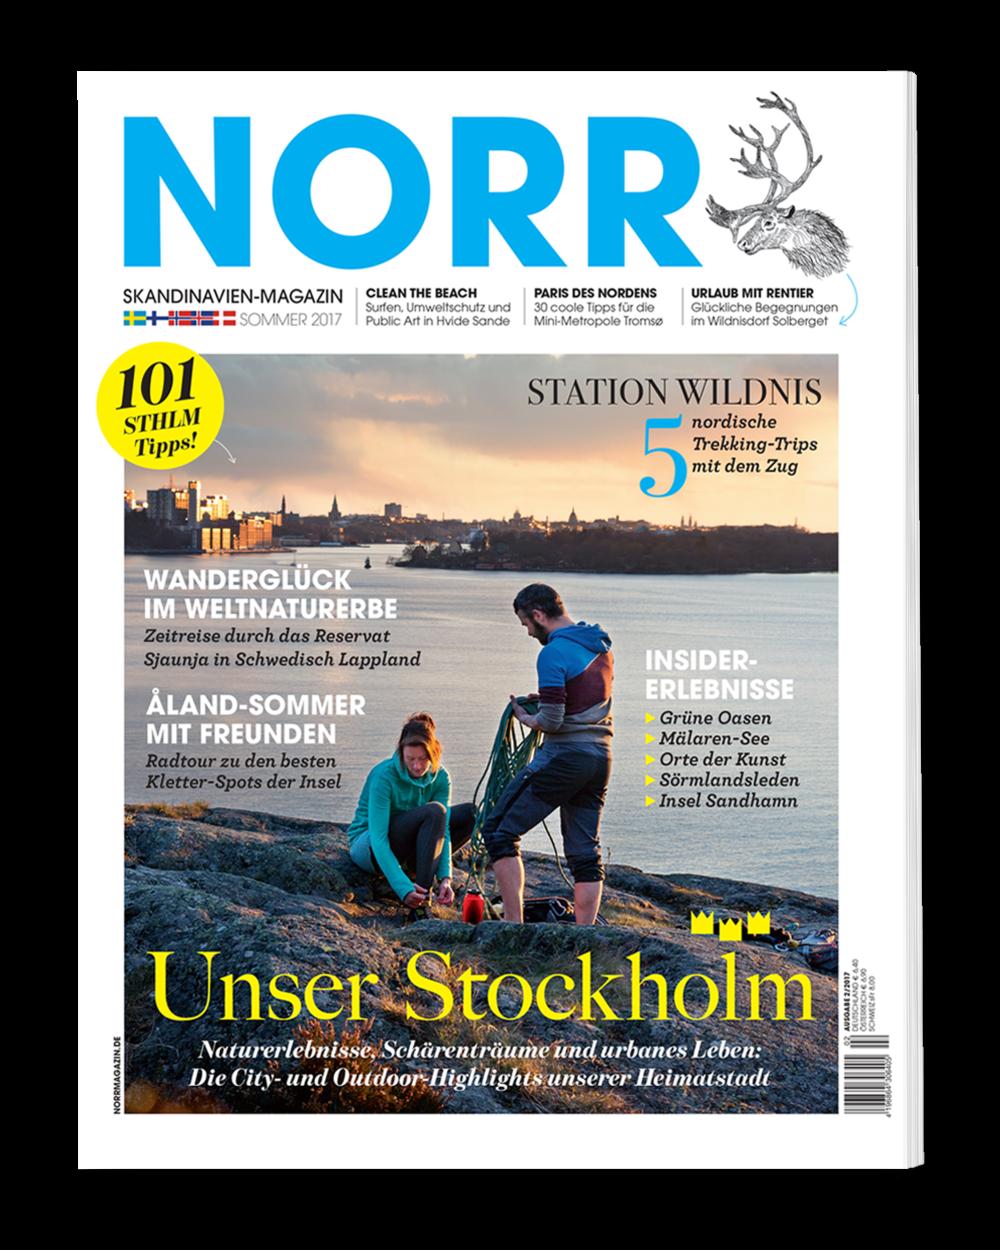 Wollt Ihr mehr über Stockholm oder Tromso lesen? Dann ist die neue Ausgabe des NORR Magazins genau das Richtige!